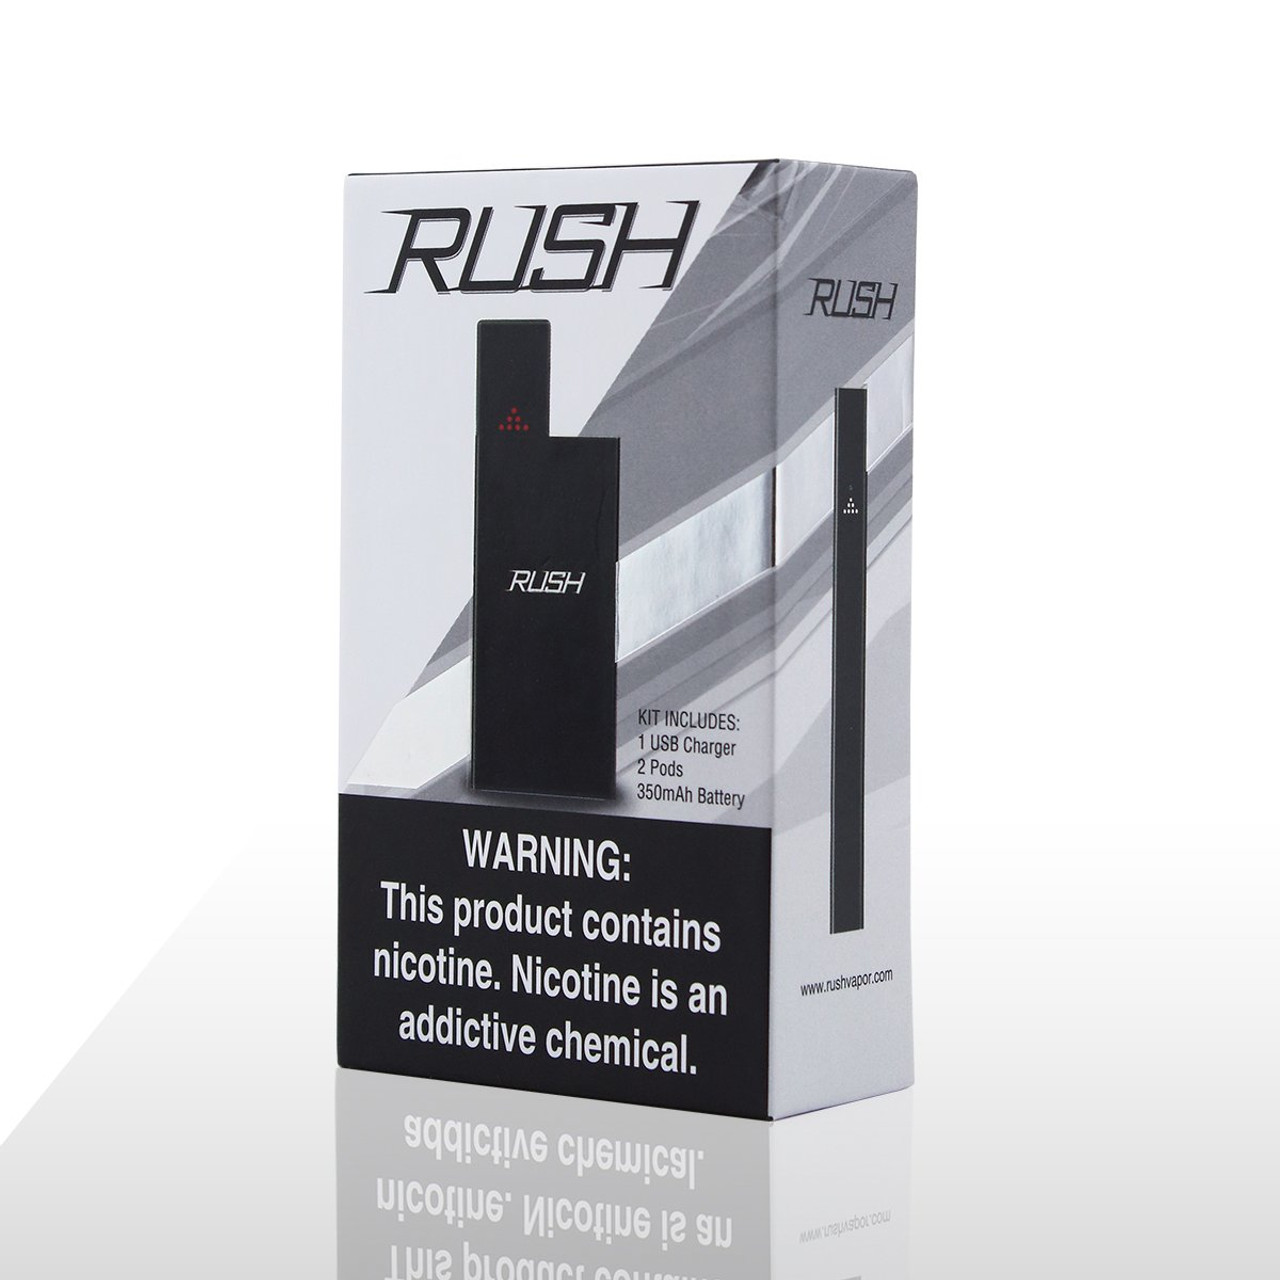 RUSH Starter Kit & Pods